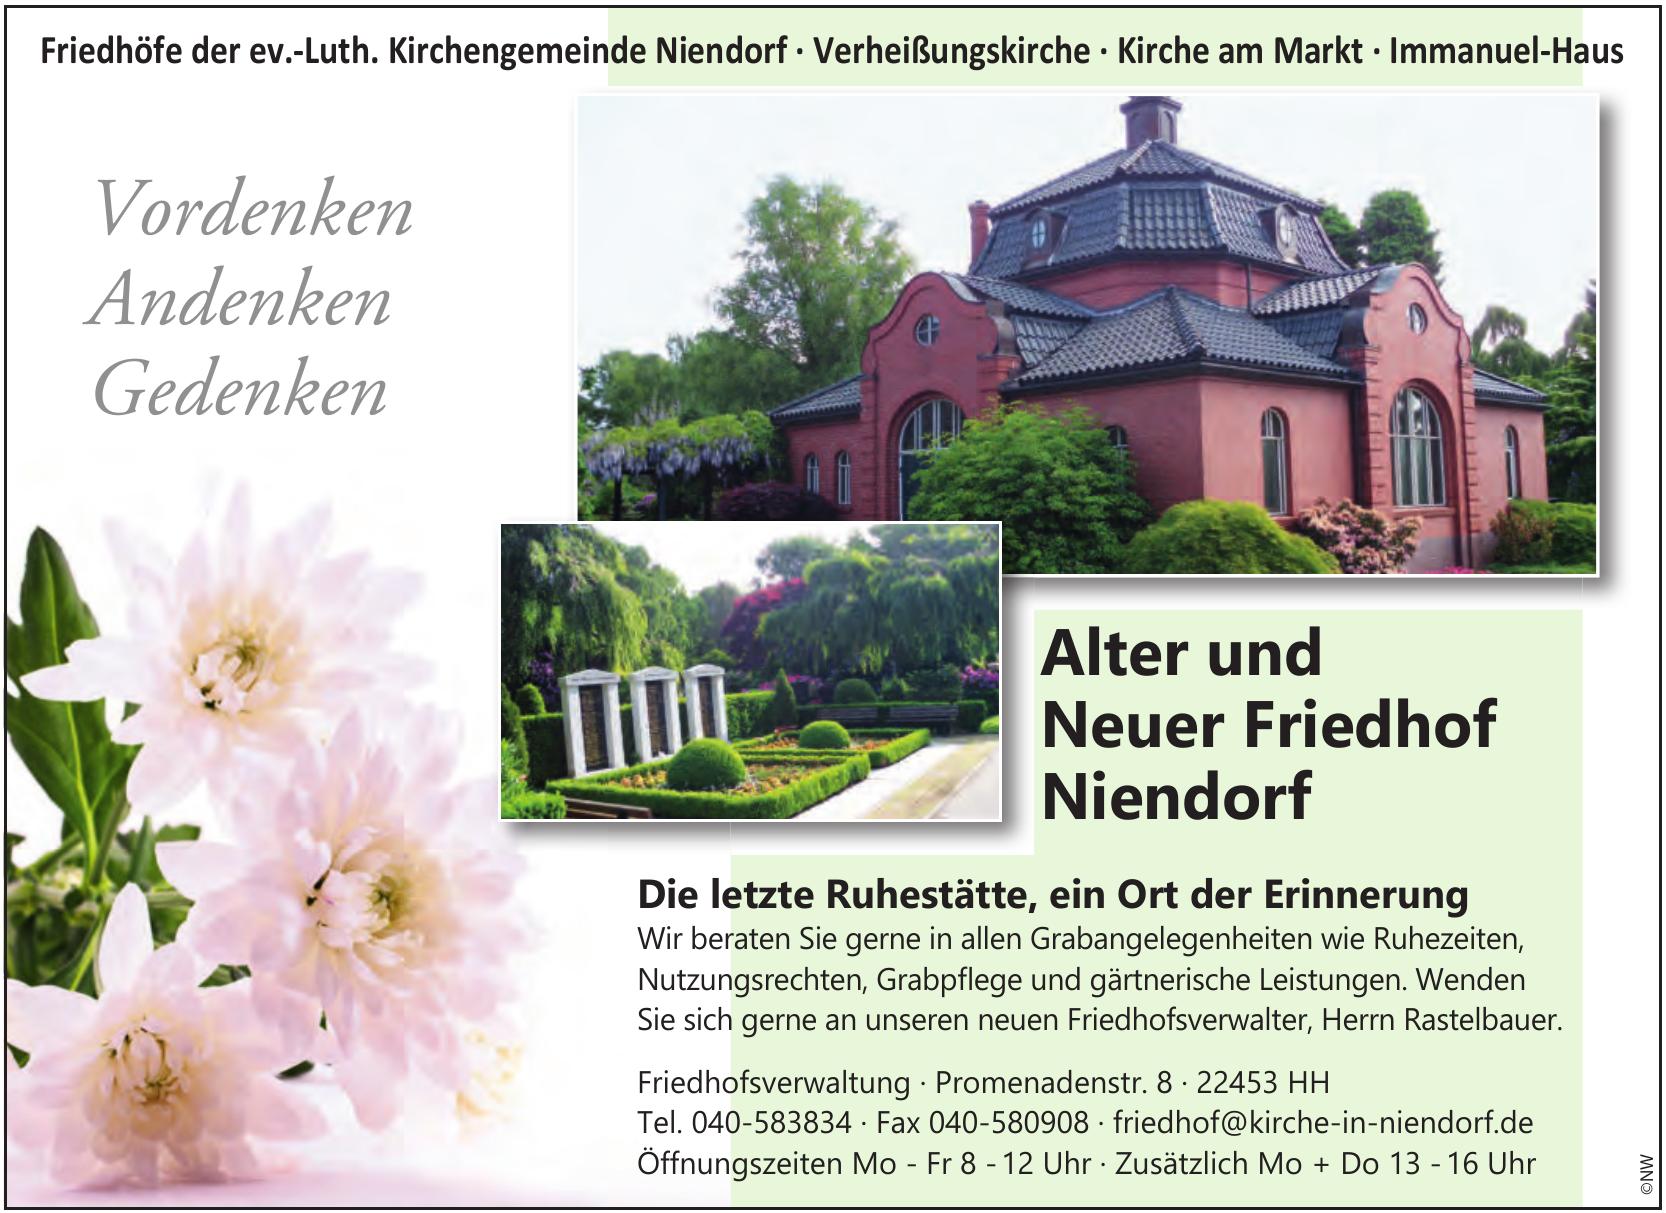 Friedhöfe der Ev.-Luth. Kirchengemeinde Niendorf